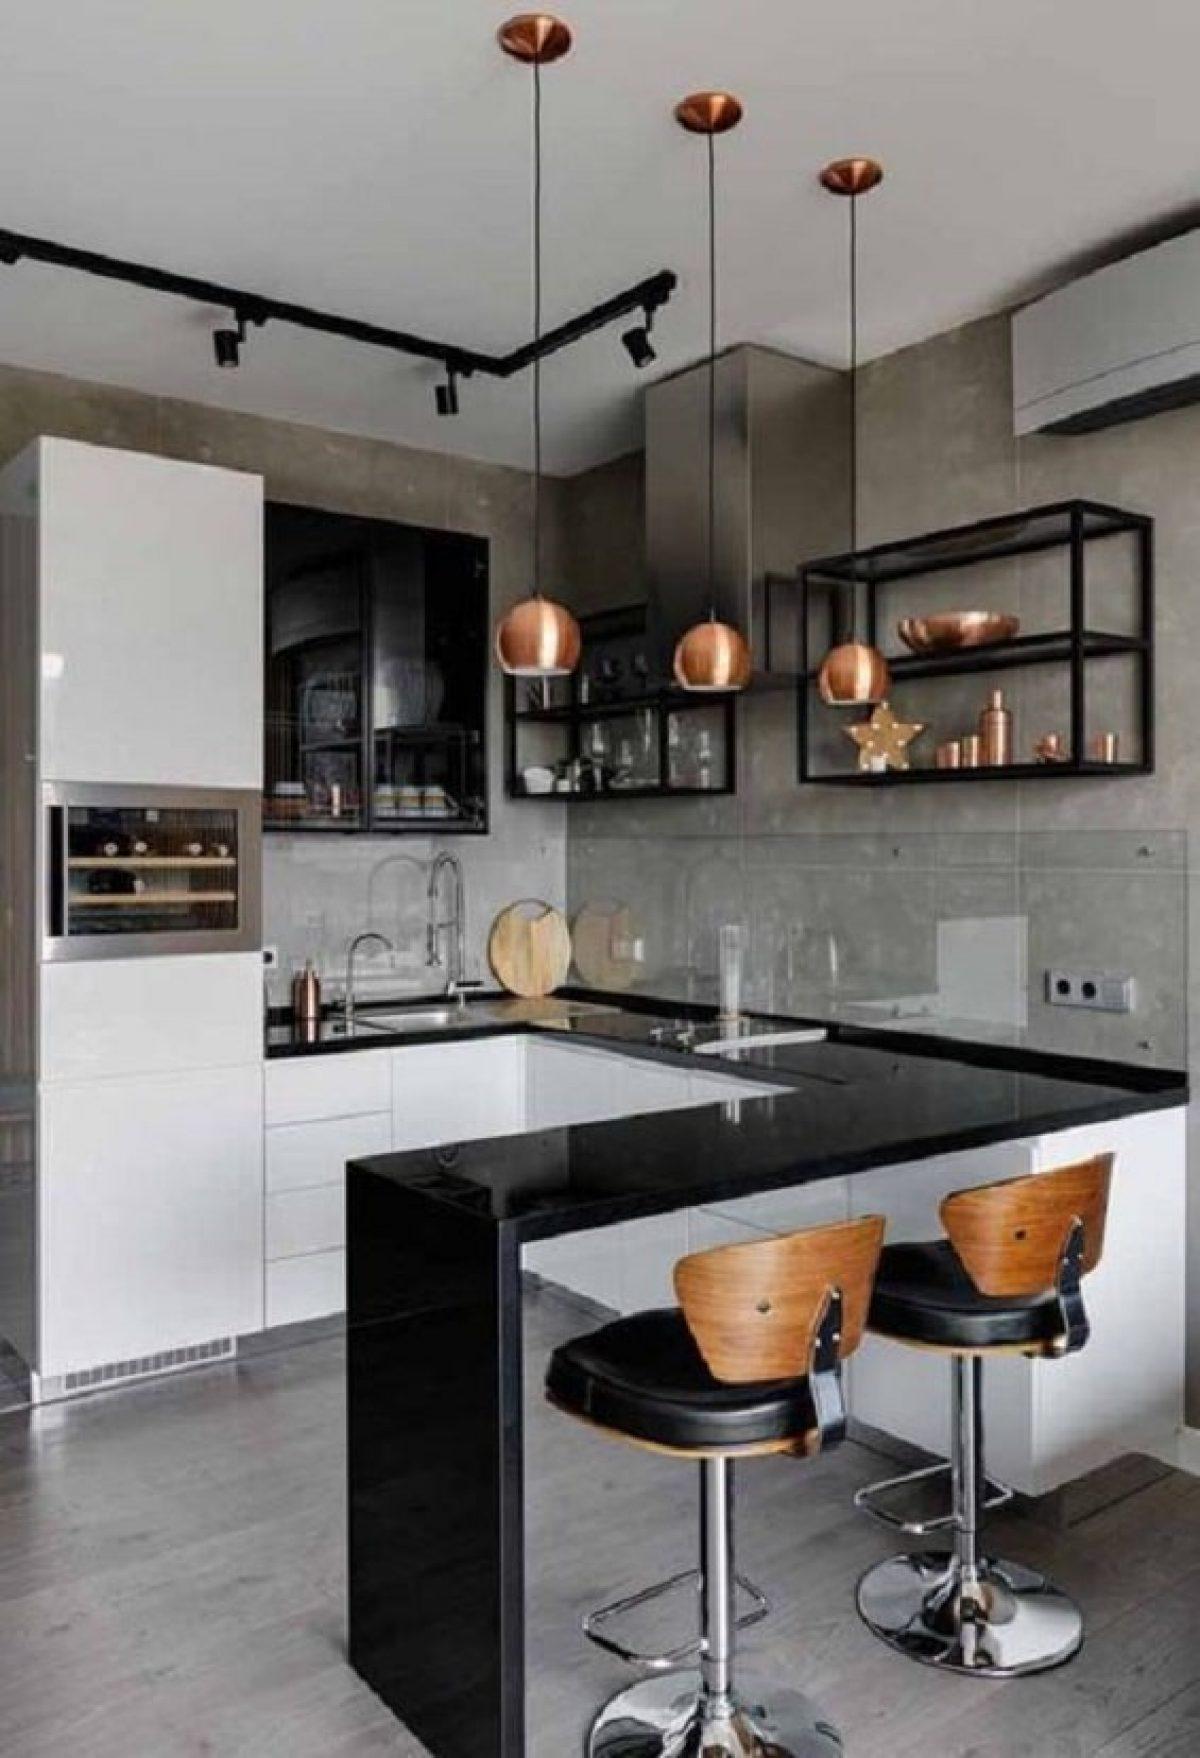 Desain Dapur Modern dengan Tampilan Masa Kini yang Menawan